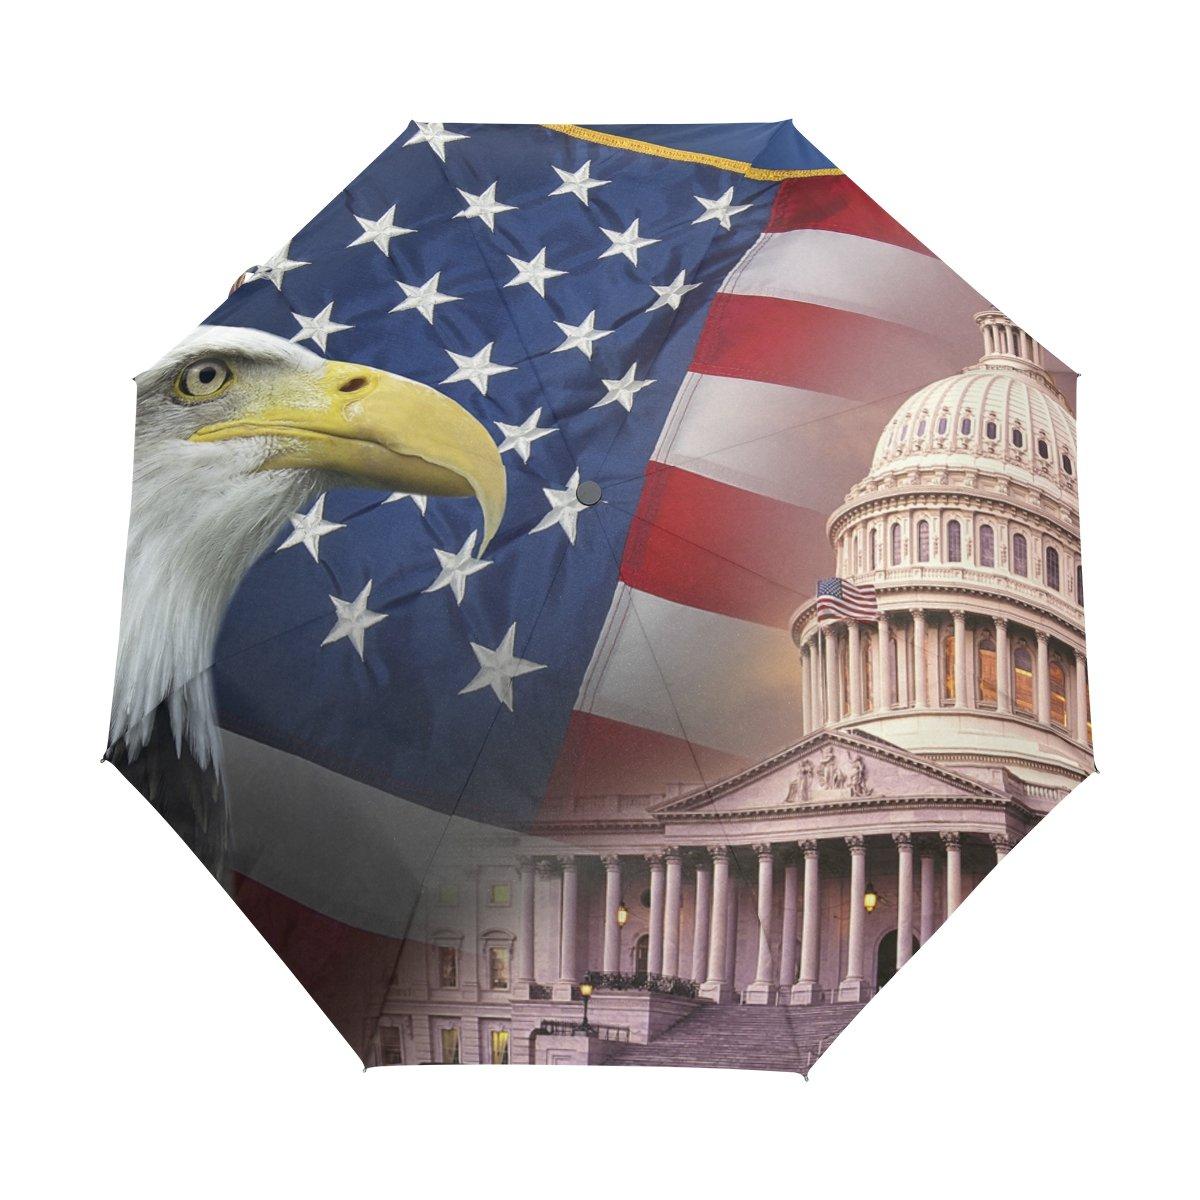 Senya Saobao防風と防雨トラベル傘with自動開いて閉じFolding愛国シンボルのアメリカ合衆国アメリカのポータブル折りたたみ式太陽雨傘   B07FMCGQCY